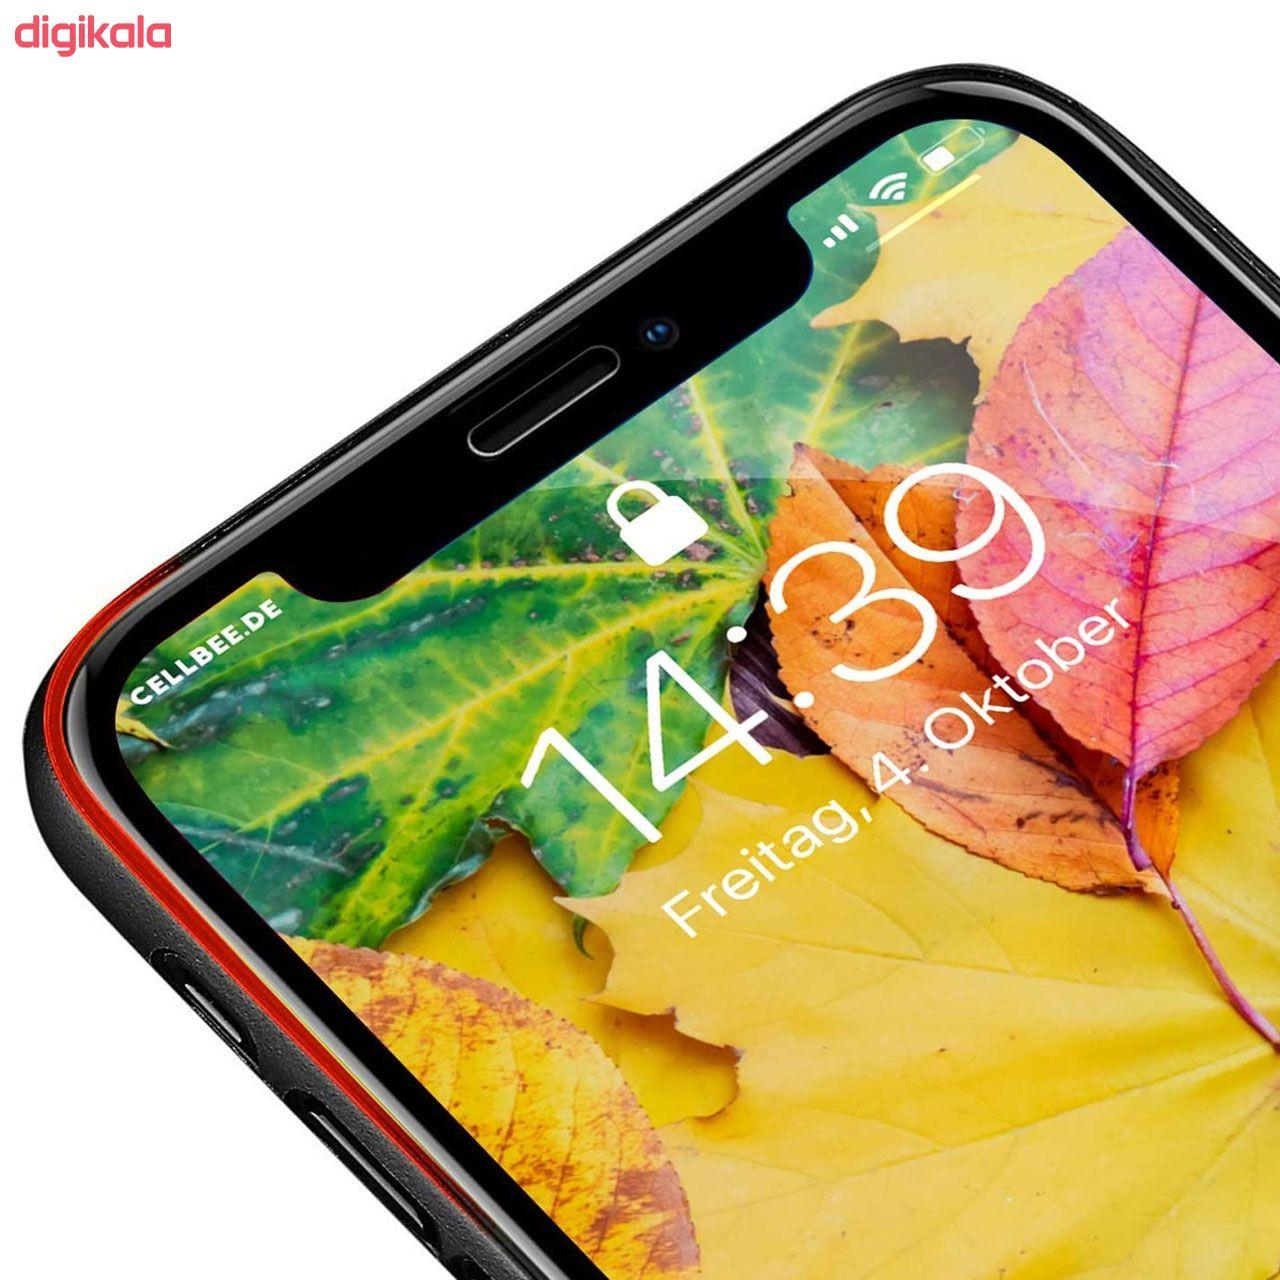 محافظ صفحه نمایش مدل FCG مناسب برای گوشی موبایل اپل iPhone 12 Pro Max main 1 4